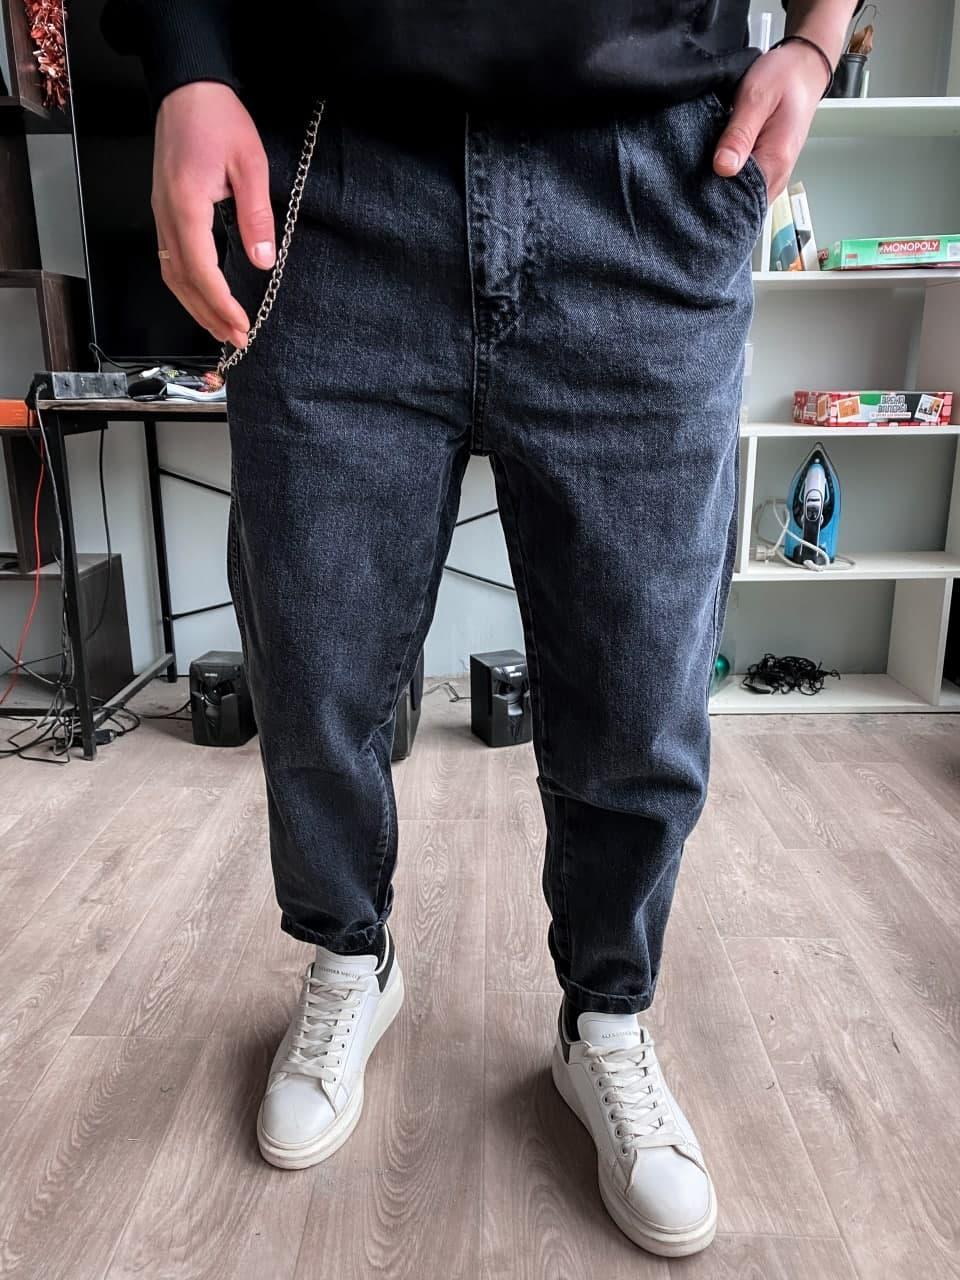 😝 Джинсы - Мужские широкие Джинсы / чоловічі джинси сірі вільного крою